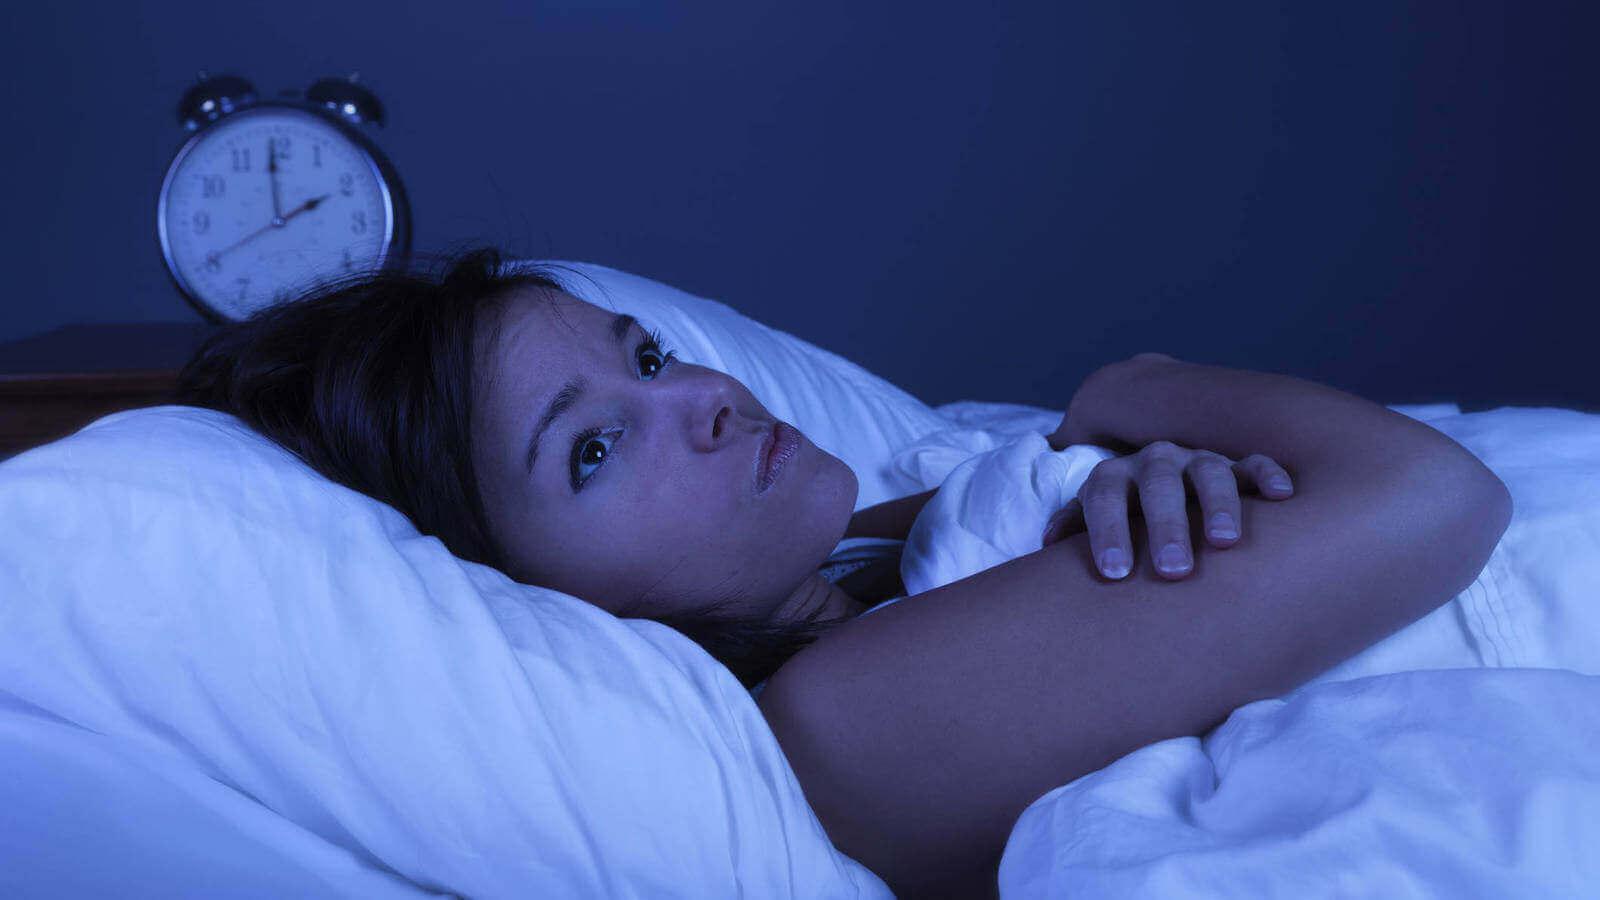 що робити прокинулися посеред ночі